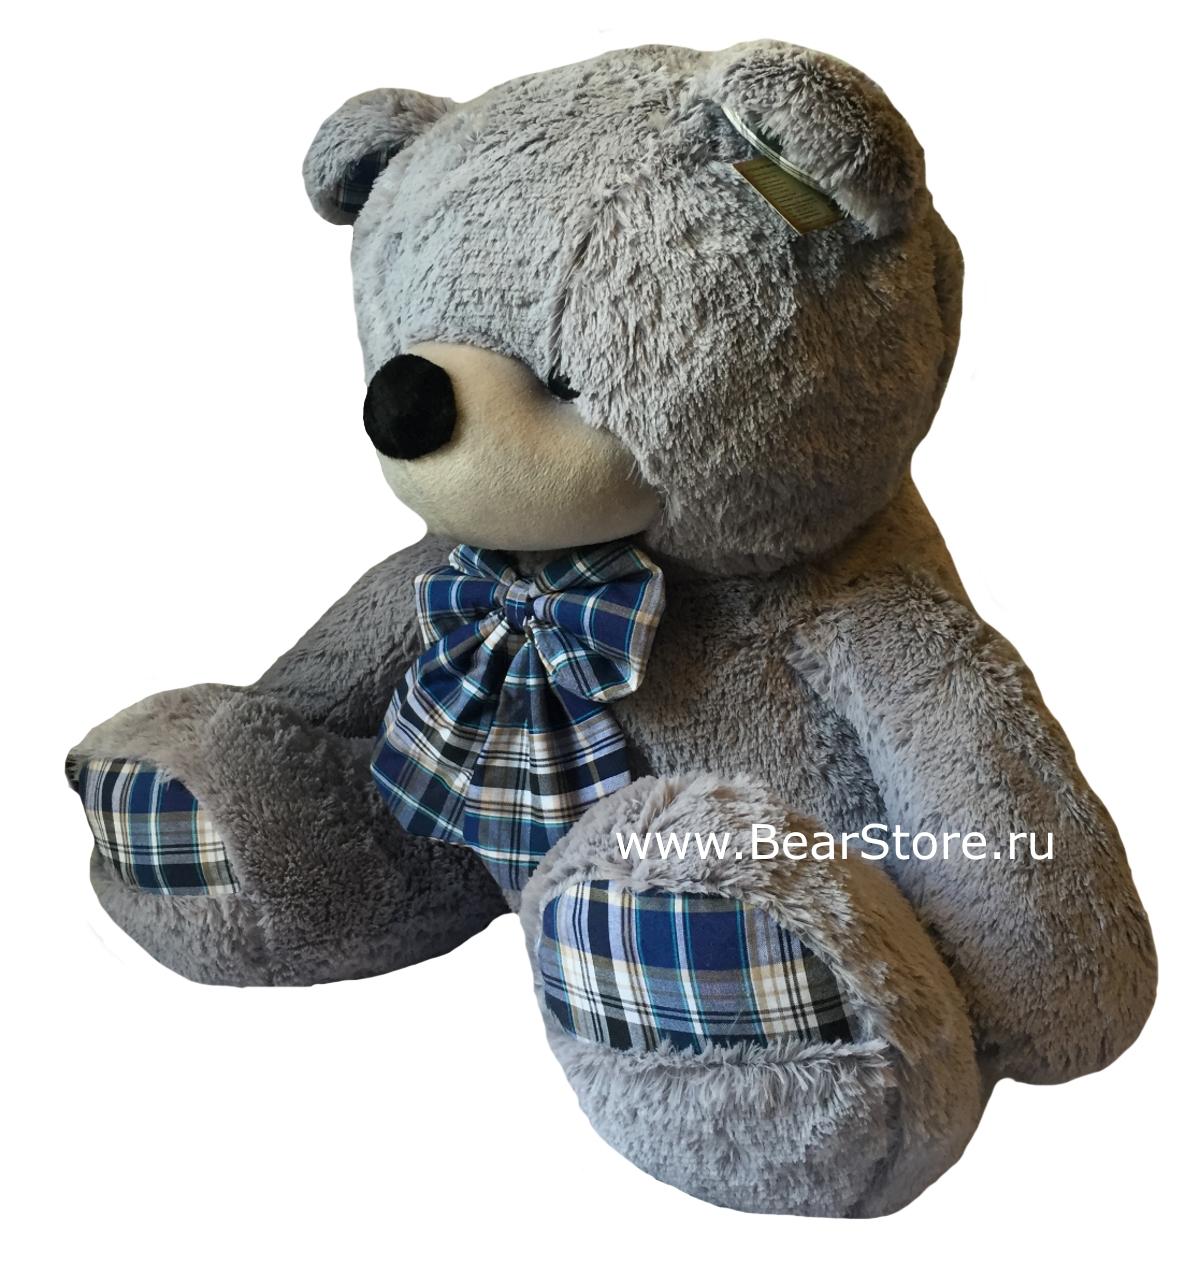 Медведь Максимильян 120 см